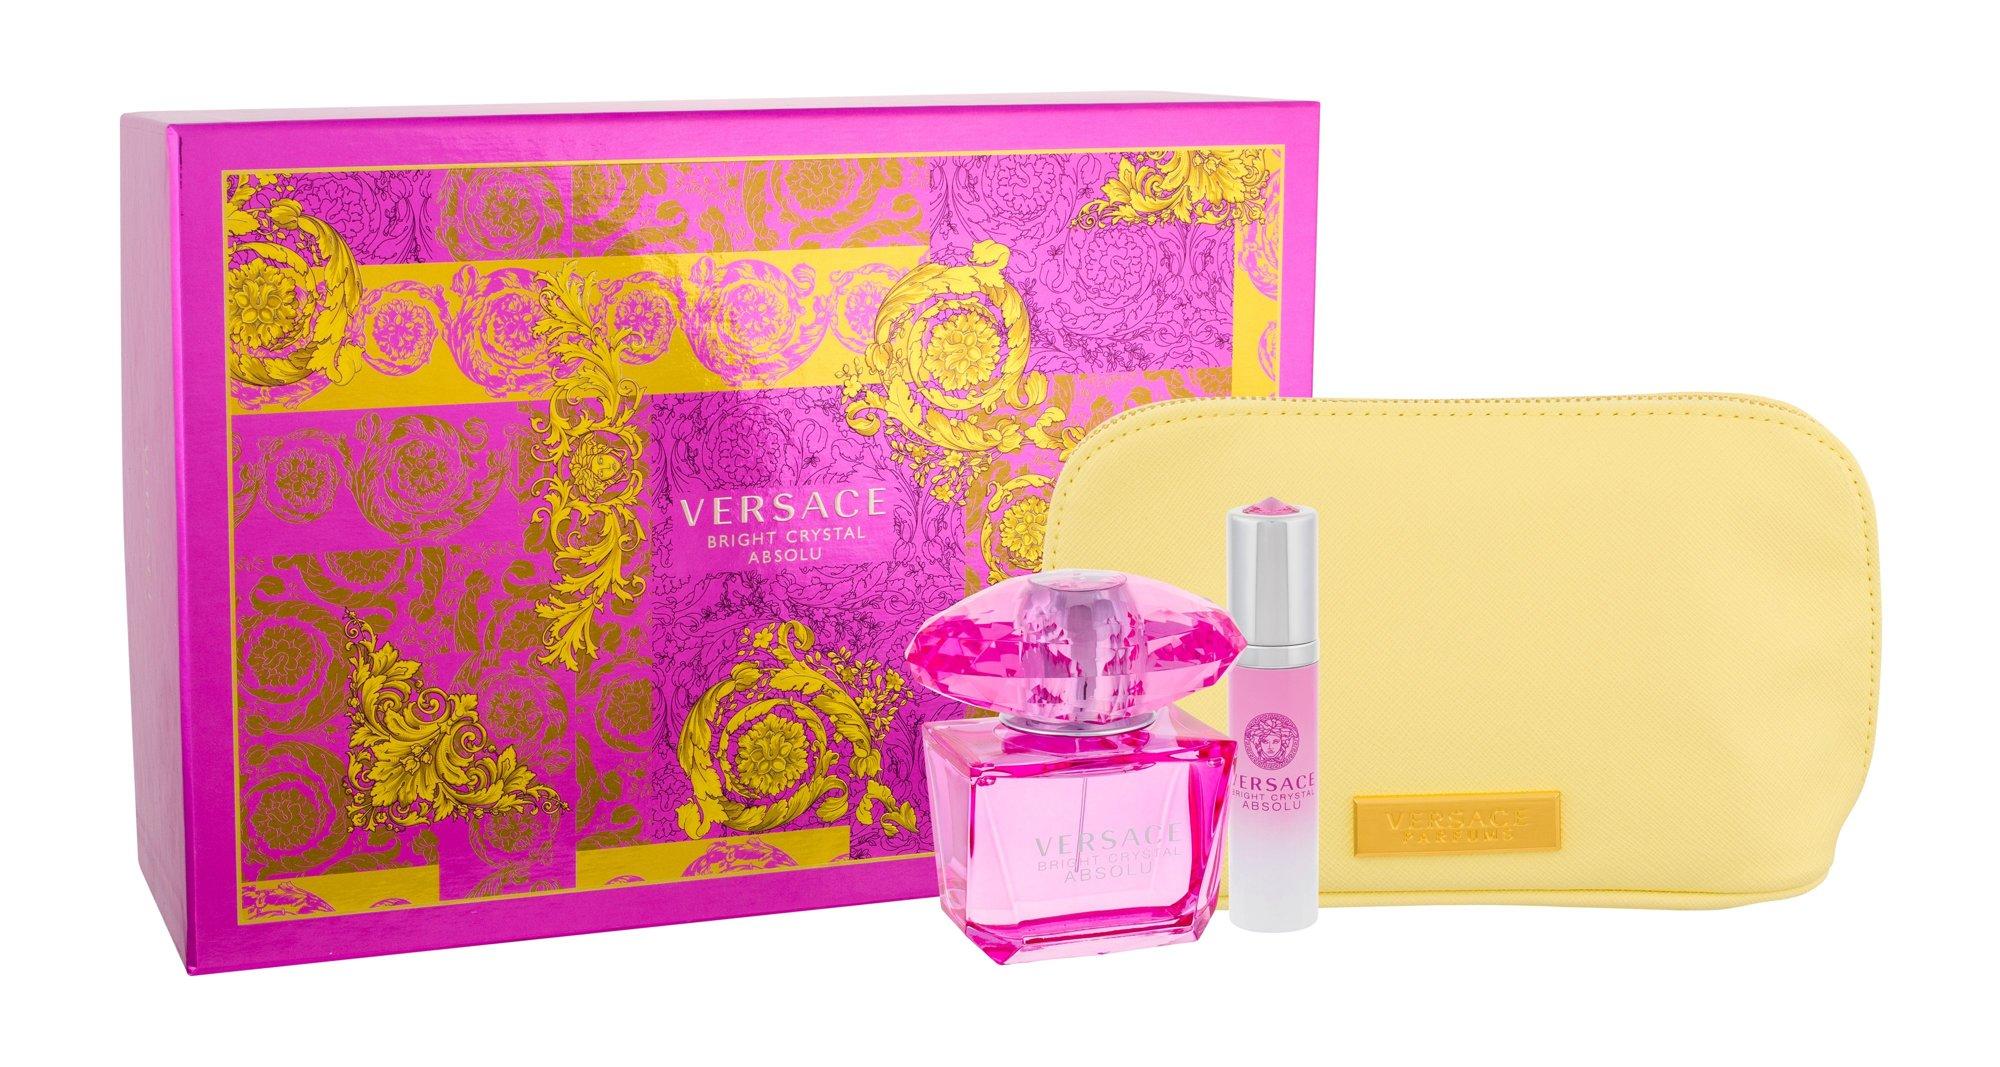 Versace Bright Crystal Eau de Parfum 90ml